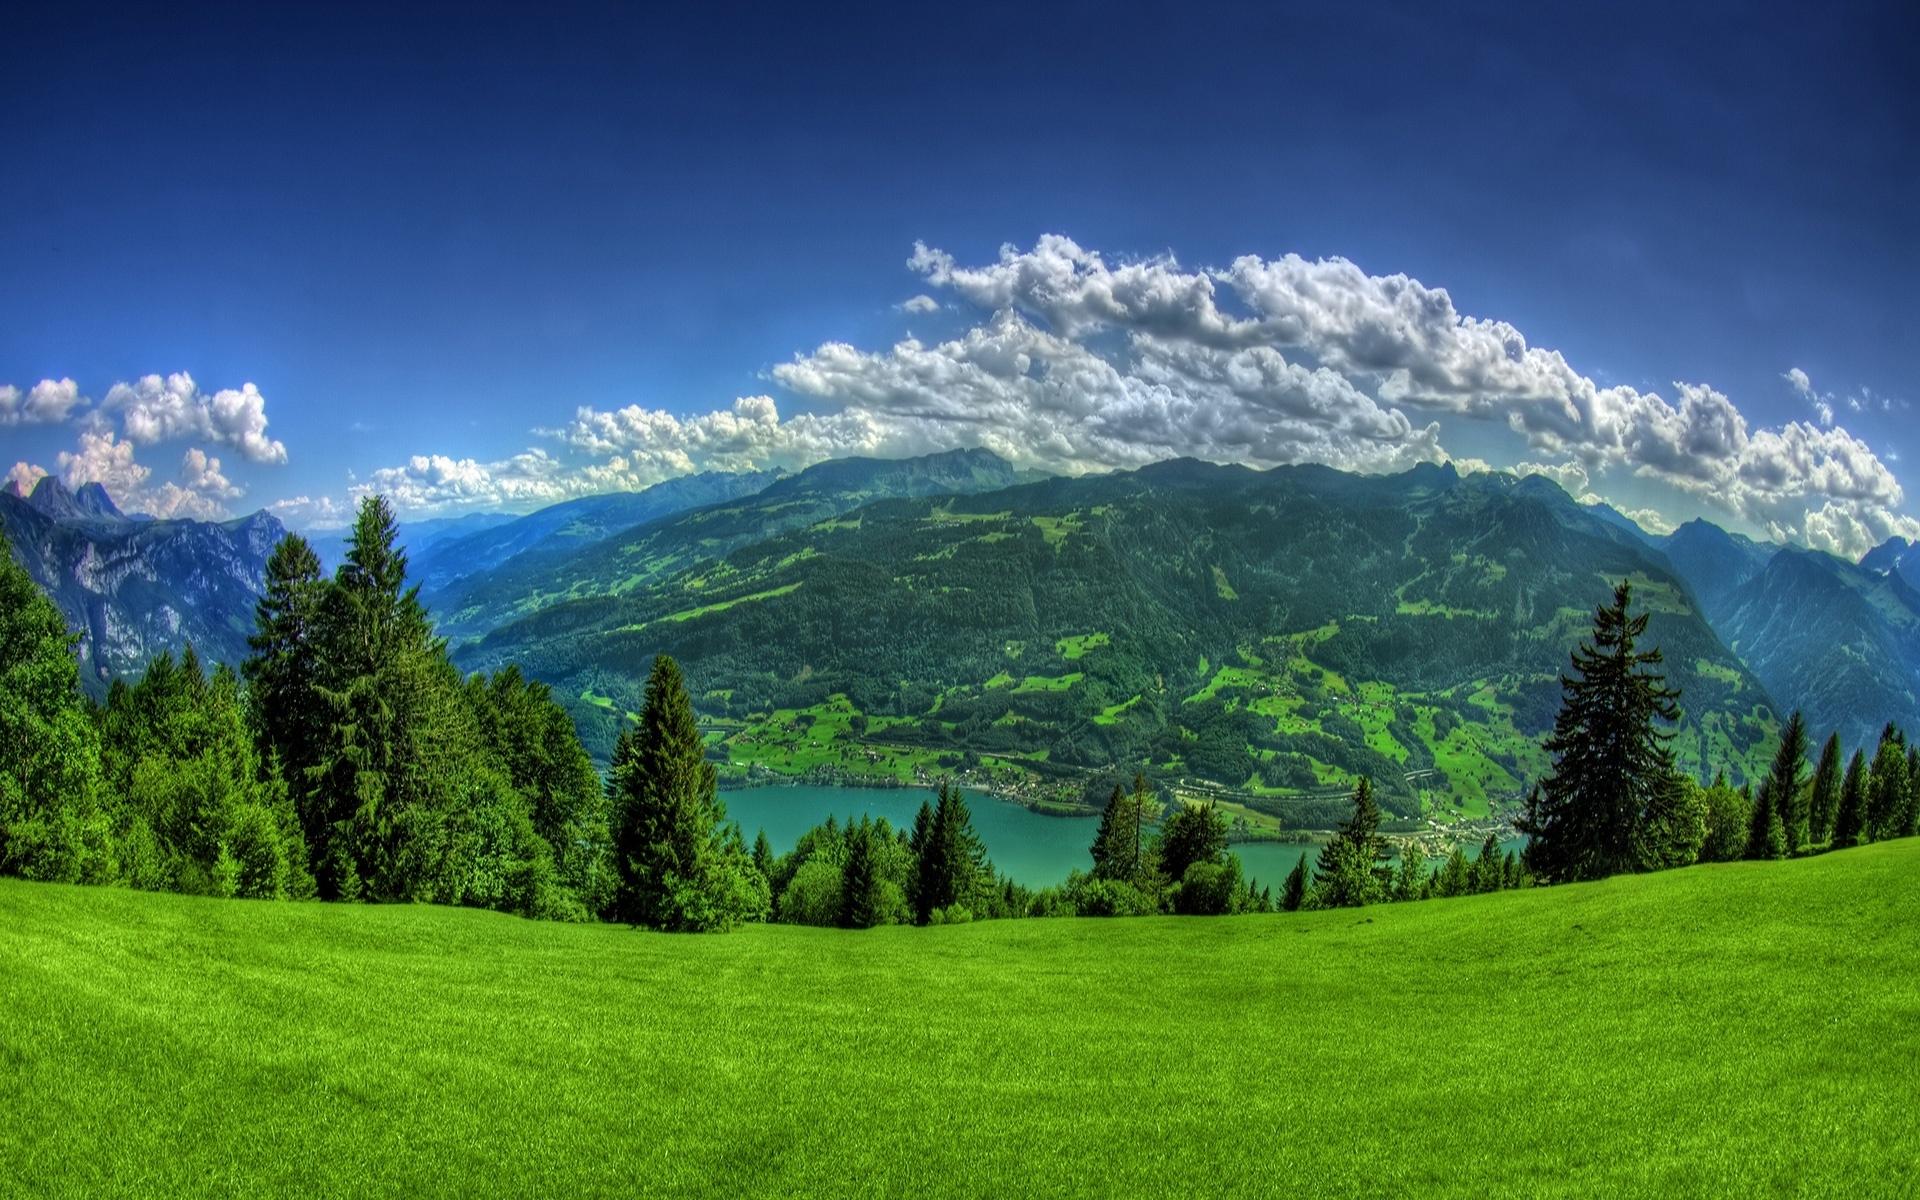 17680 скачать обои Пейзаж, Горы, Облака - заставки и картинки бесплатно